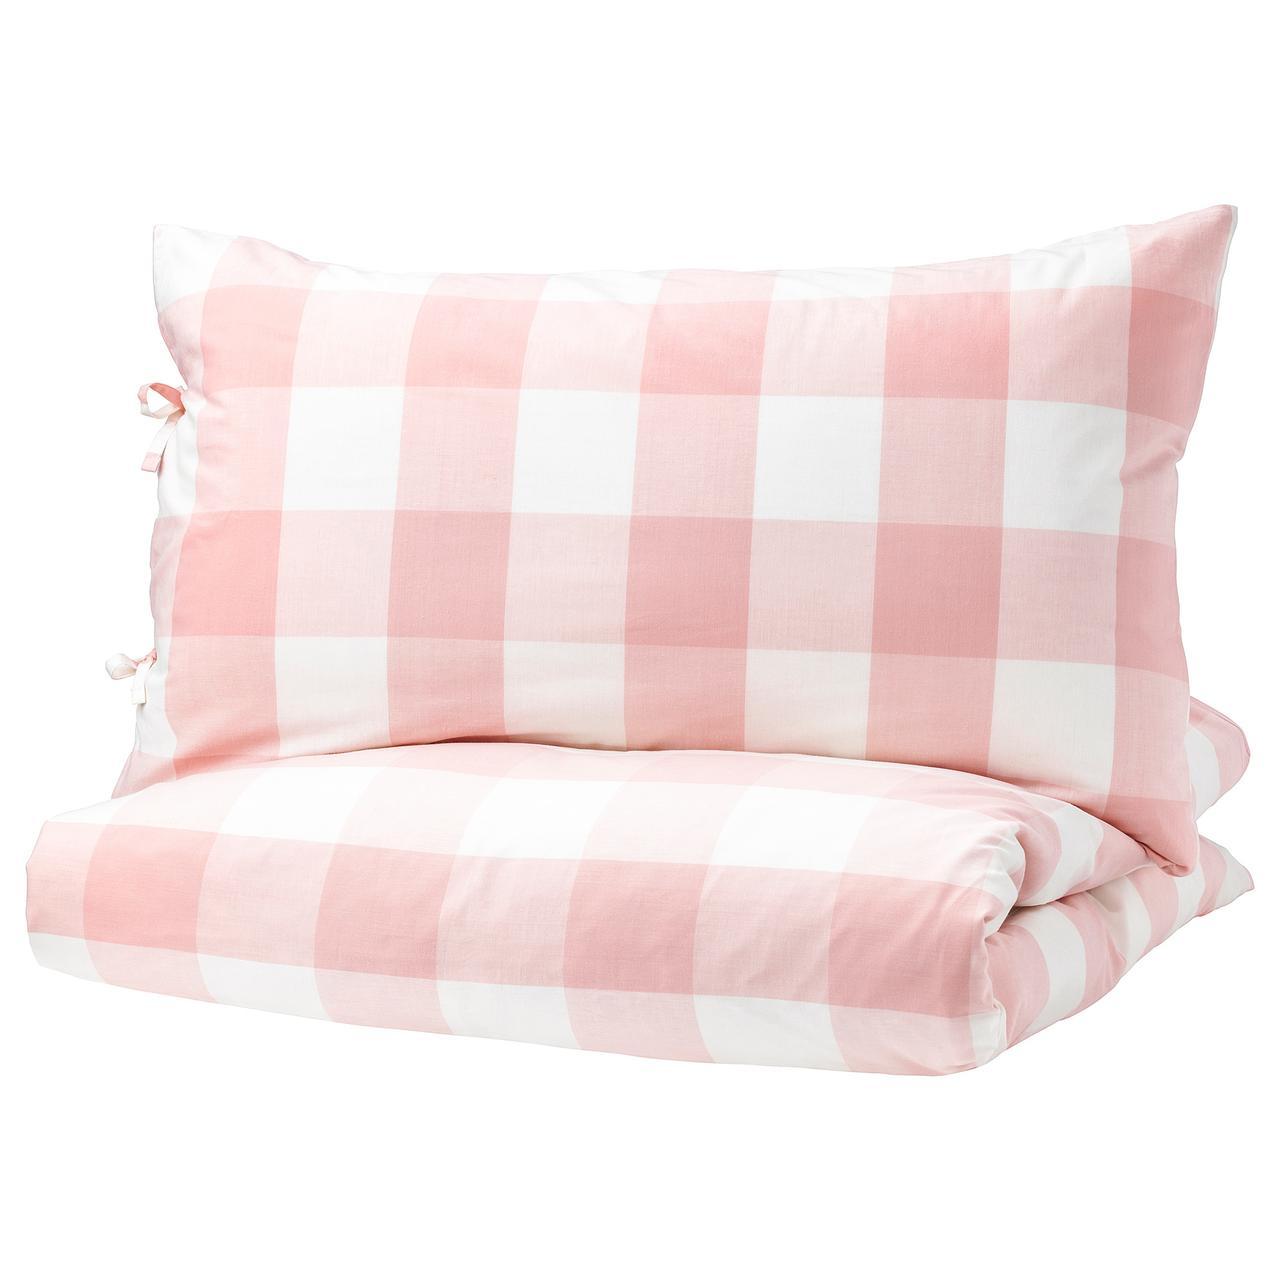 ЭММИ РУТА Пододеяльник и 1 наволочка, светло-розовый, белый